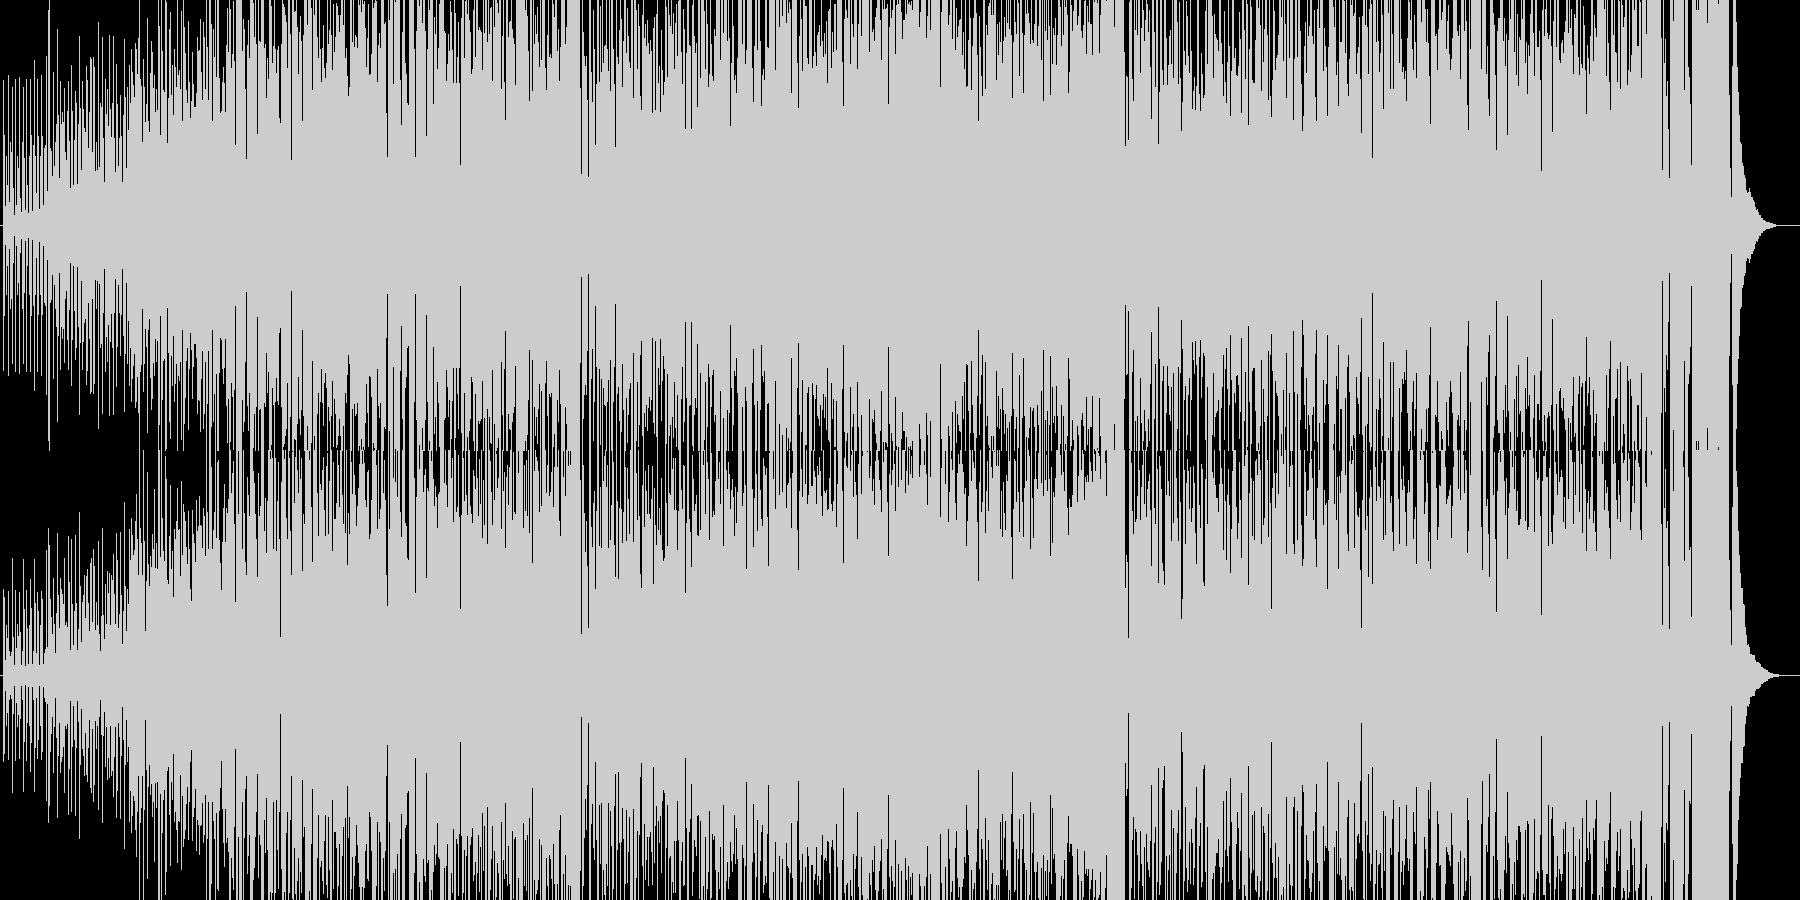 トロピカル風の軽快なインスト曲ですの未再生の波形